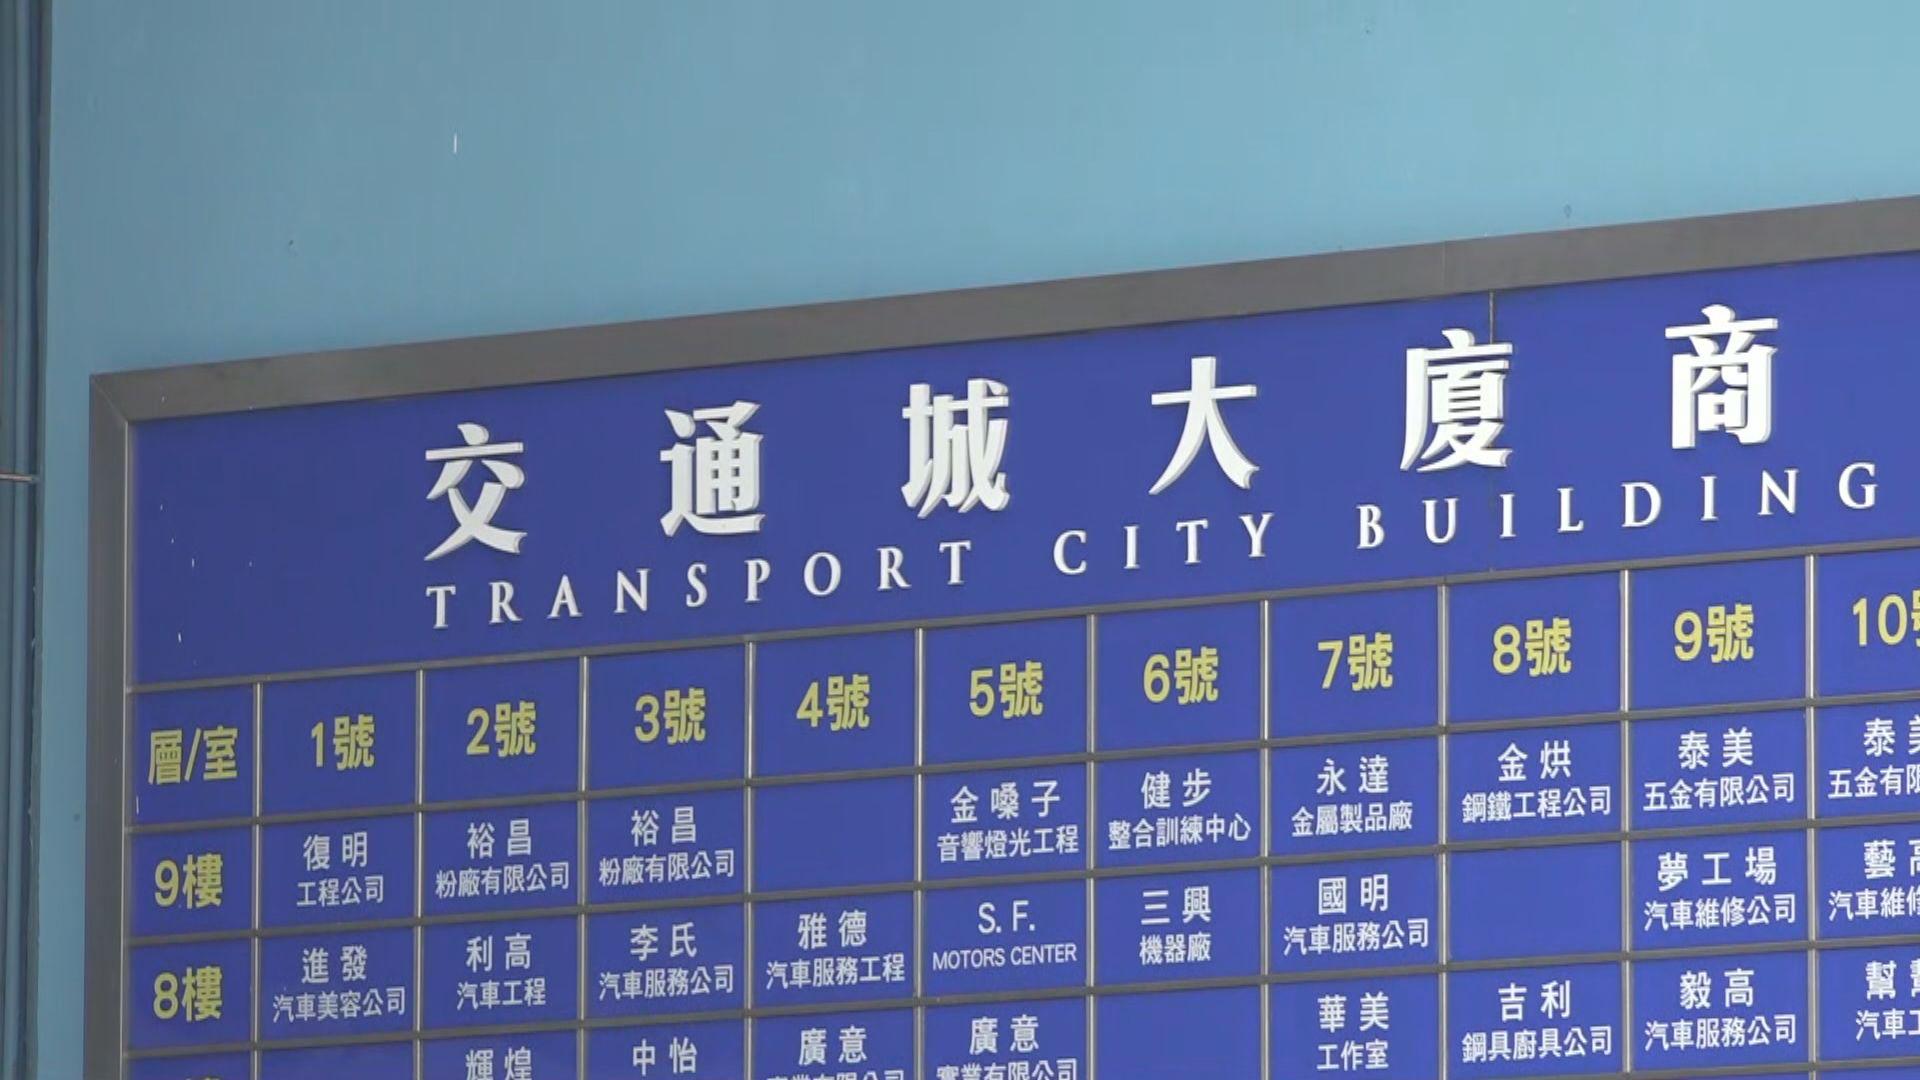 十宗本地感染一半大圍交通城相關 張竹君:有小型爆發